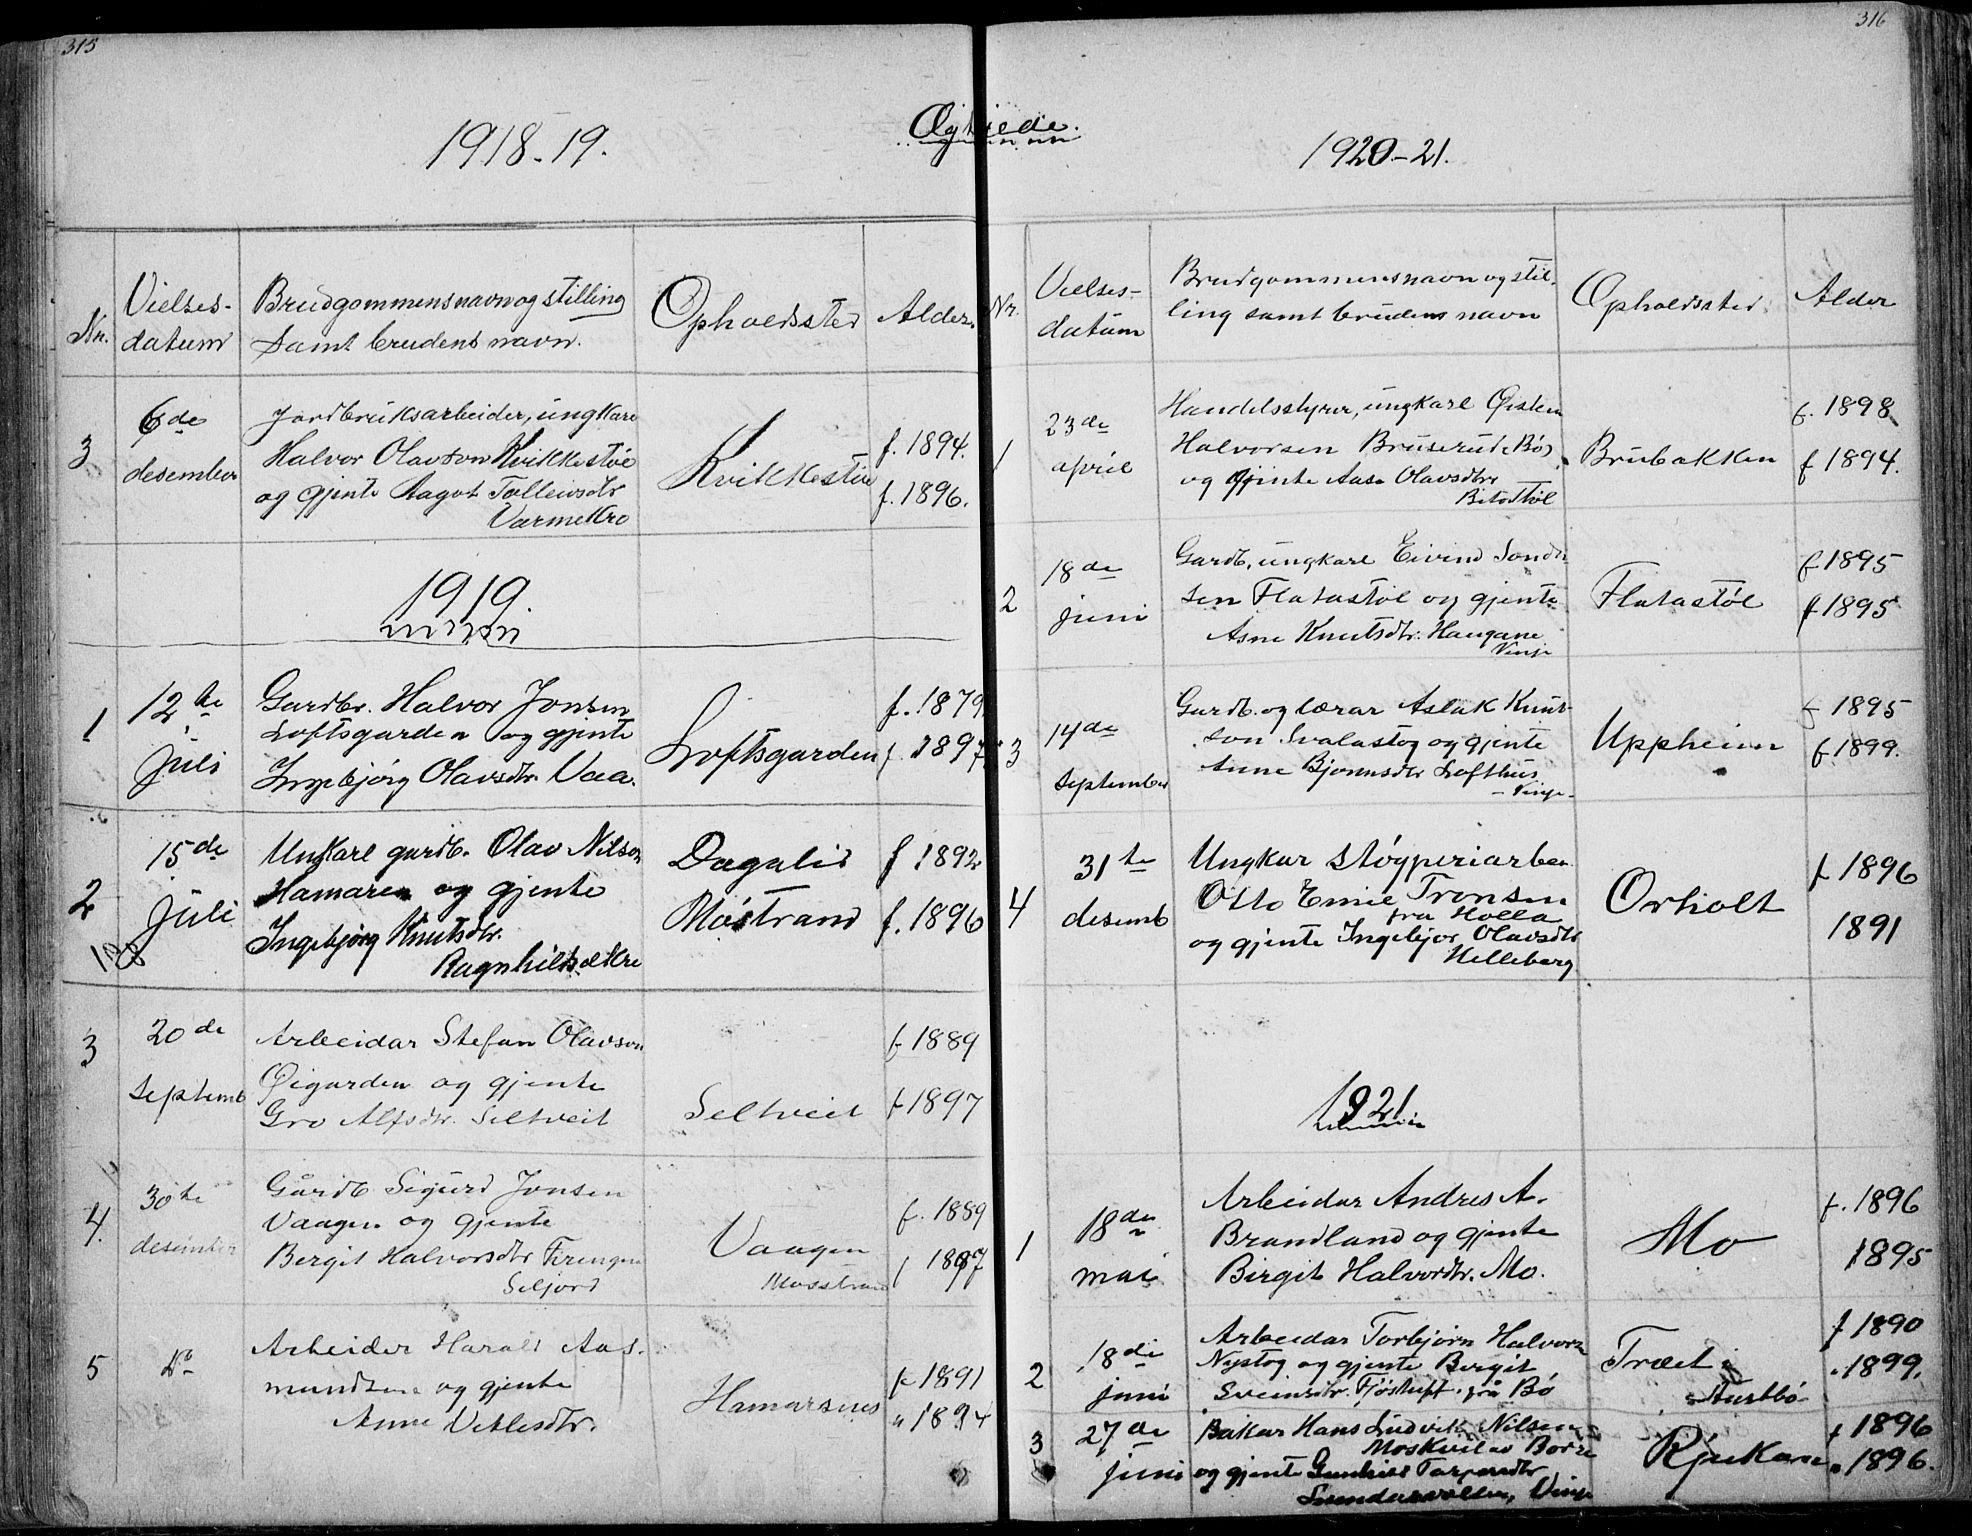 SAKO, Rauland kirkebøker, G/Ga/L0002: Klokkerbok nr. I 2, 1849-1935, s. 315-316